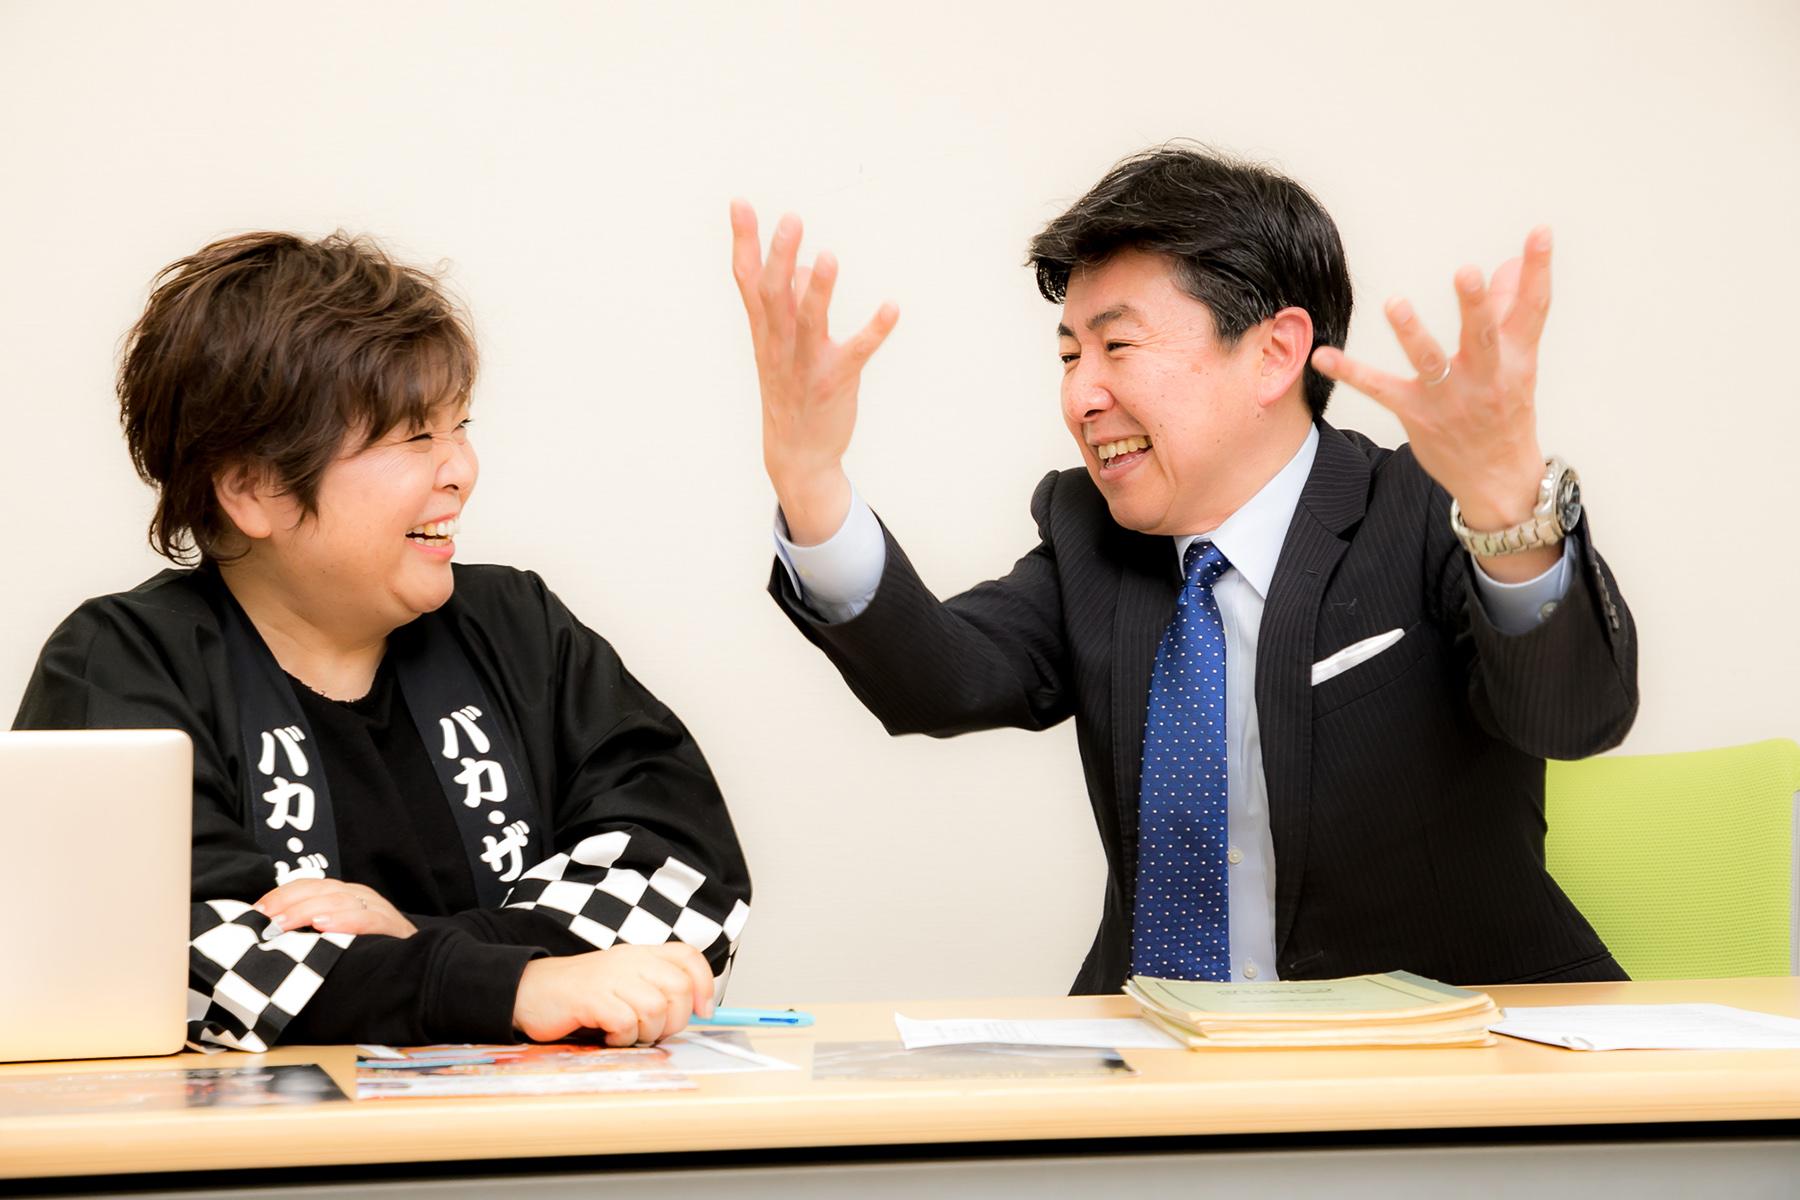 笠井信輔アナウンサーが語る、アナウンサーになってからも映画の仕事が出来るようになった理由。